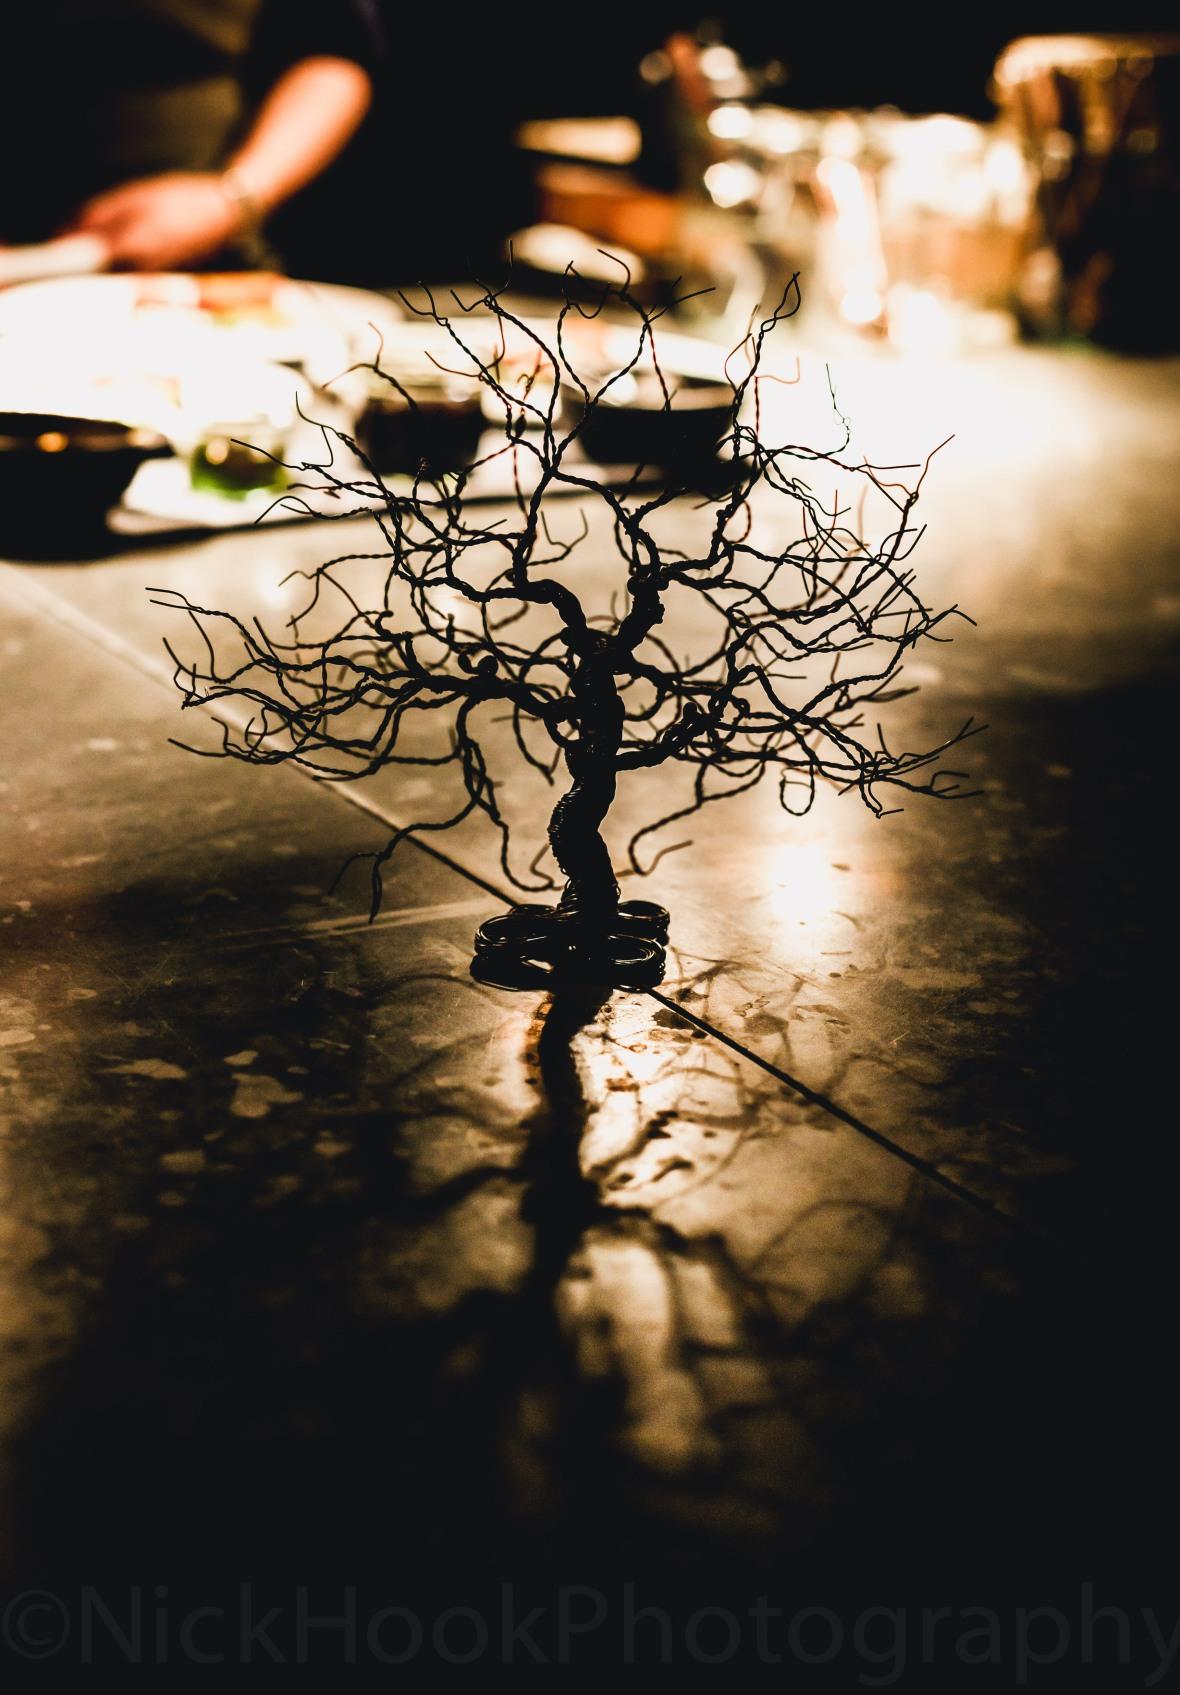 mrnickhook-photography-ekstedt-0617